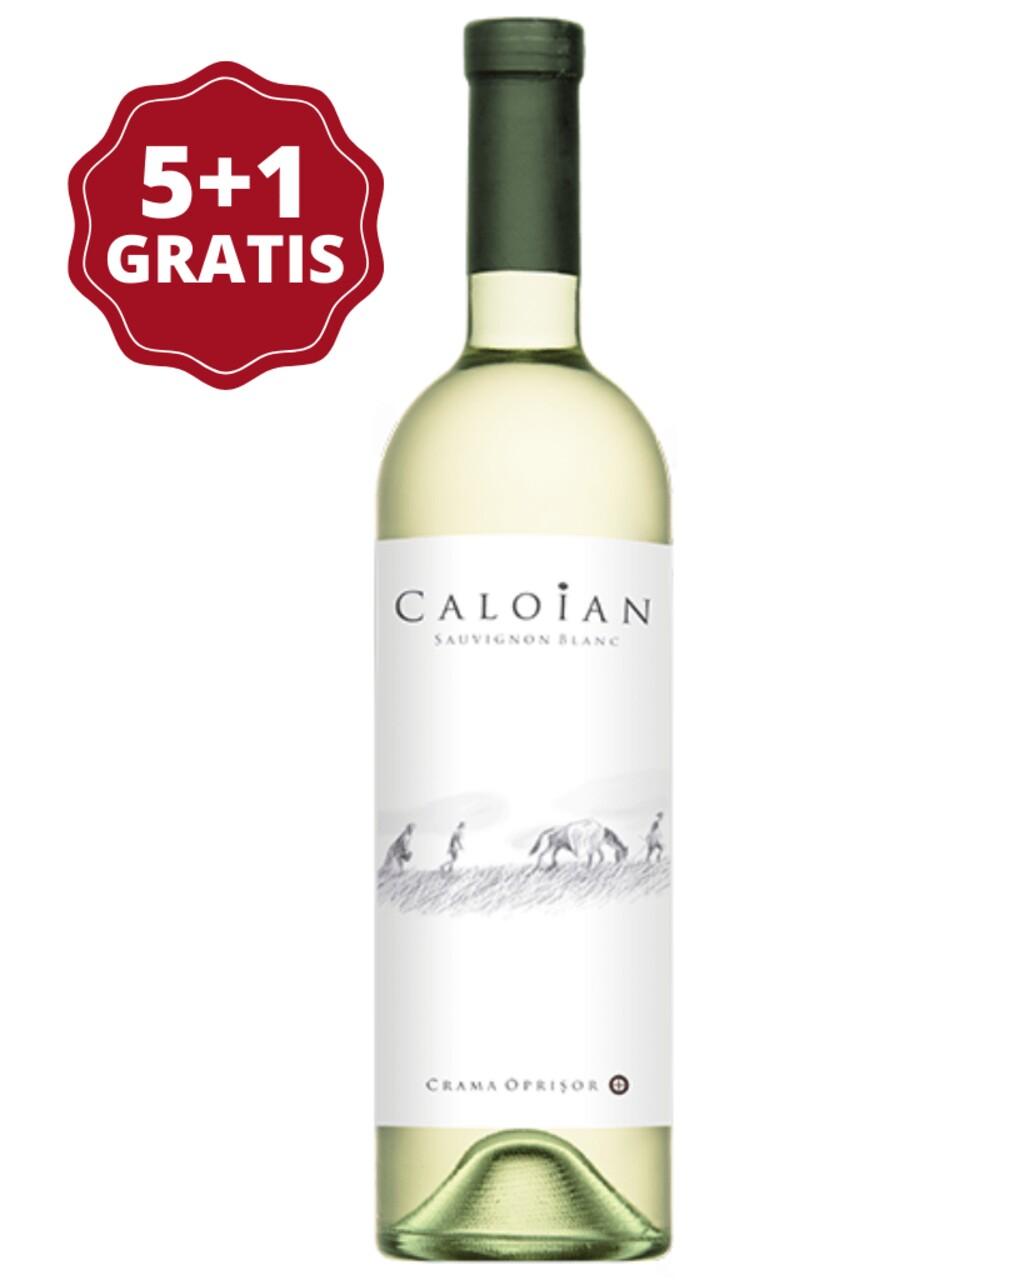 Oprisor Caloian Sauvignon Blanc 5+1